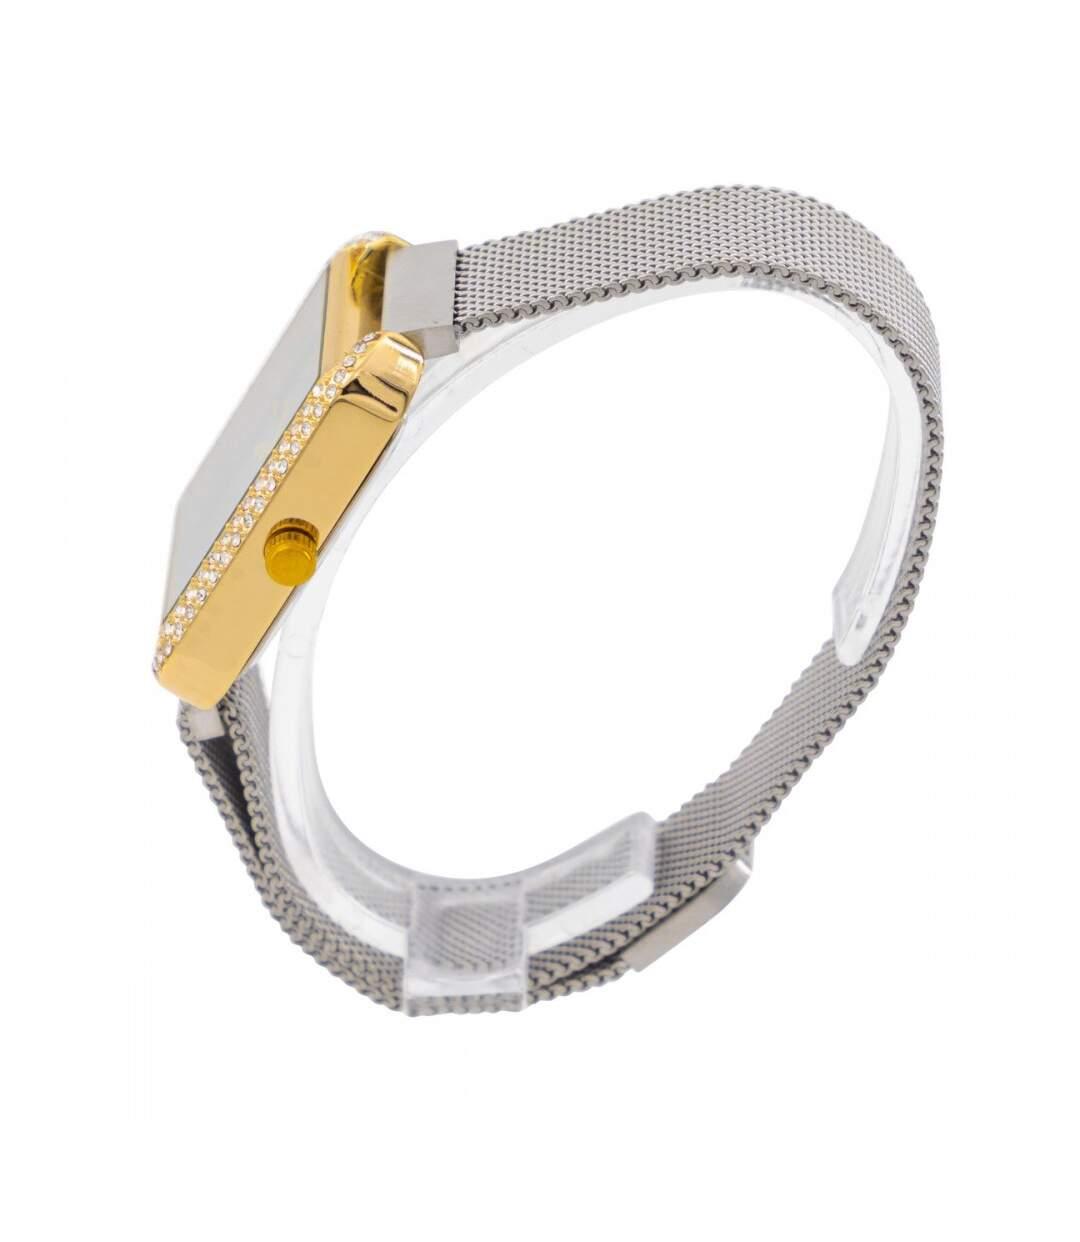 Dégagement Coffret montre Femme GIORGIO bracelet Acier Argenté dsf.d455nksdKLFHG